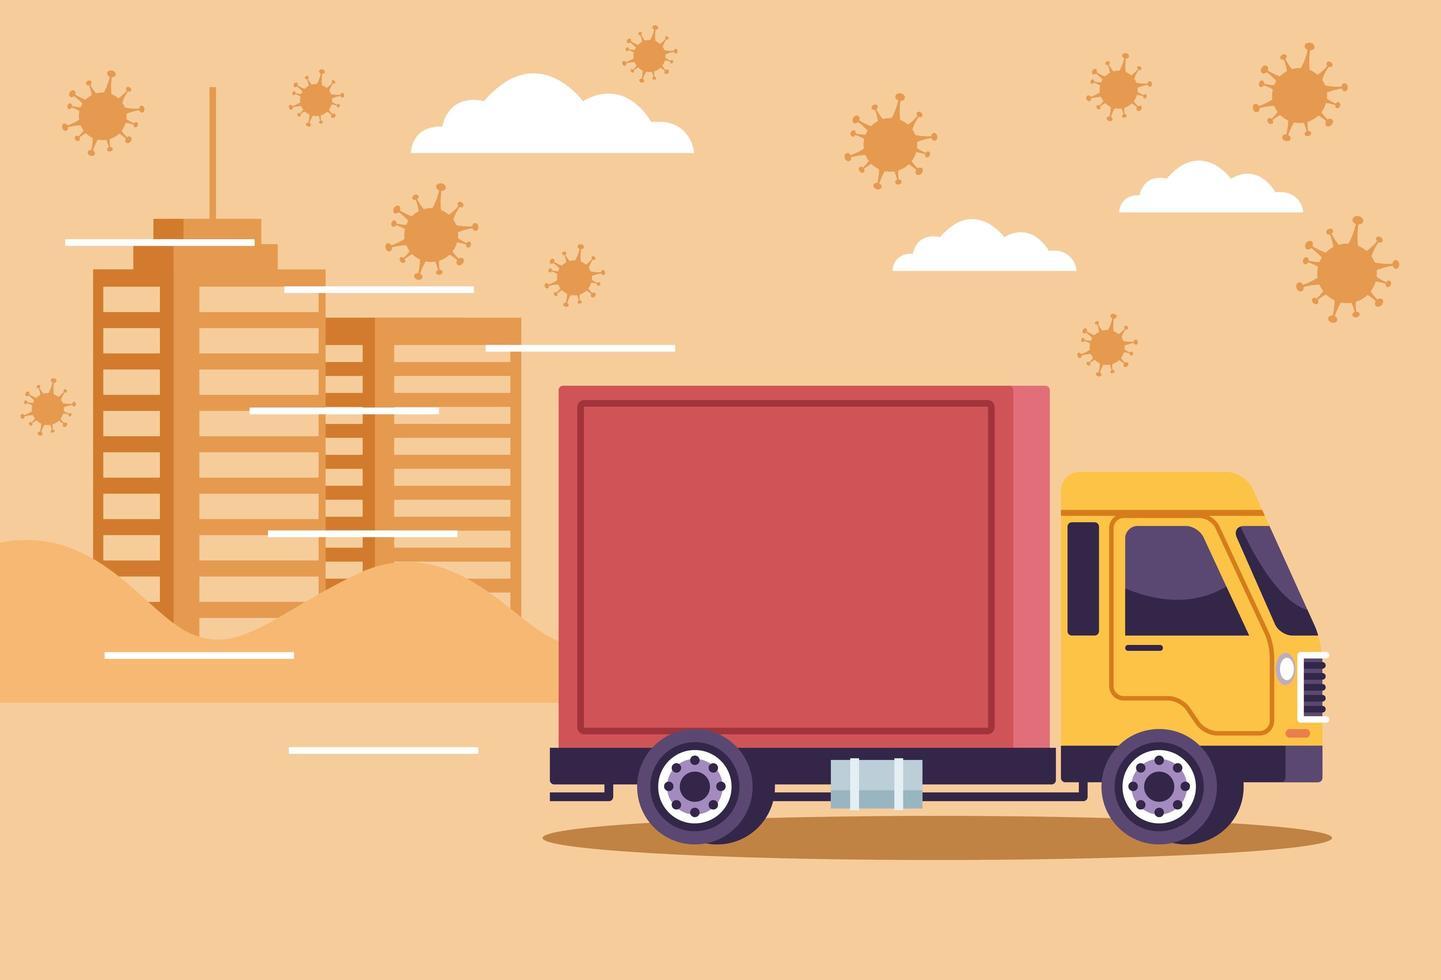 livraison par camion avec virus covid 19 vecteur